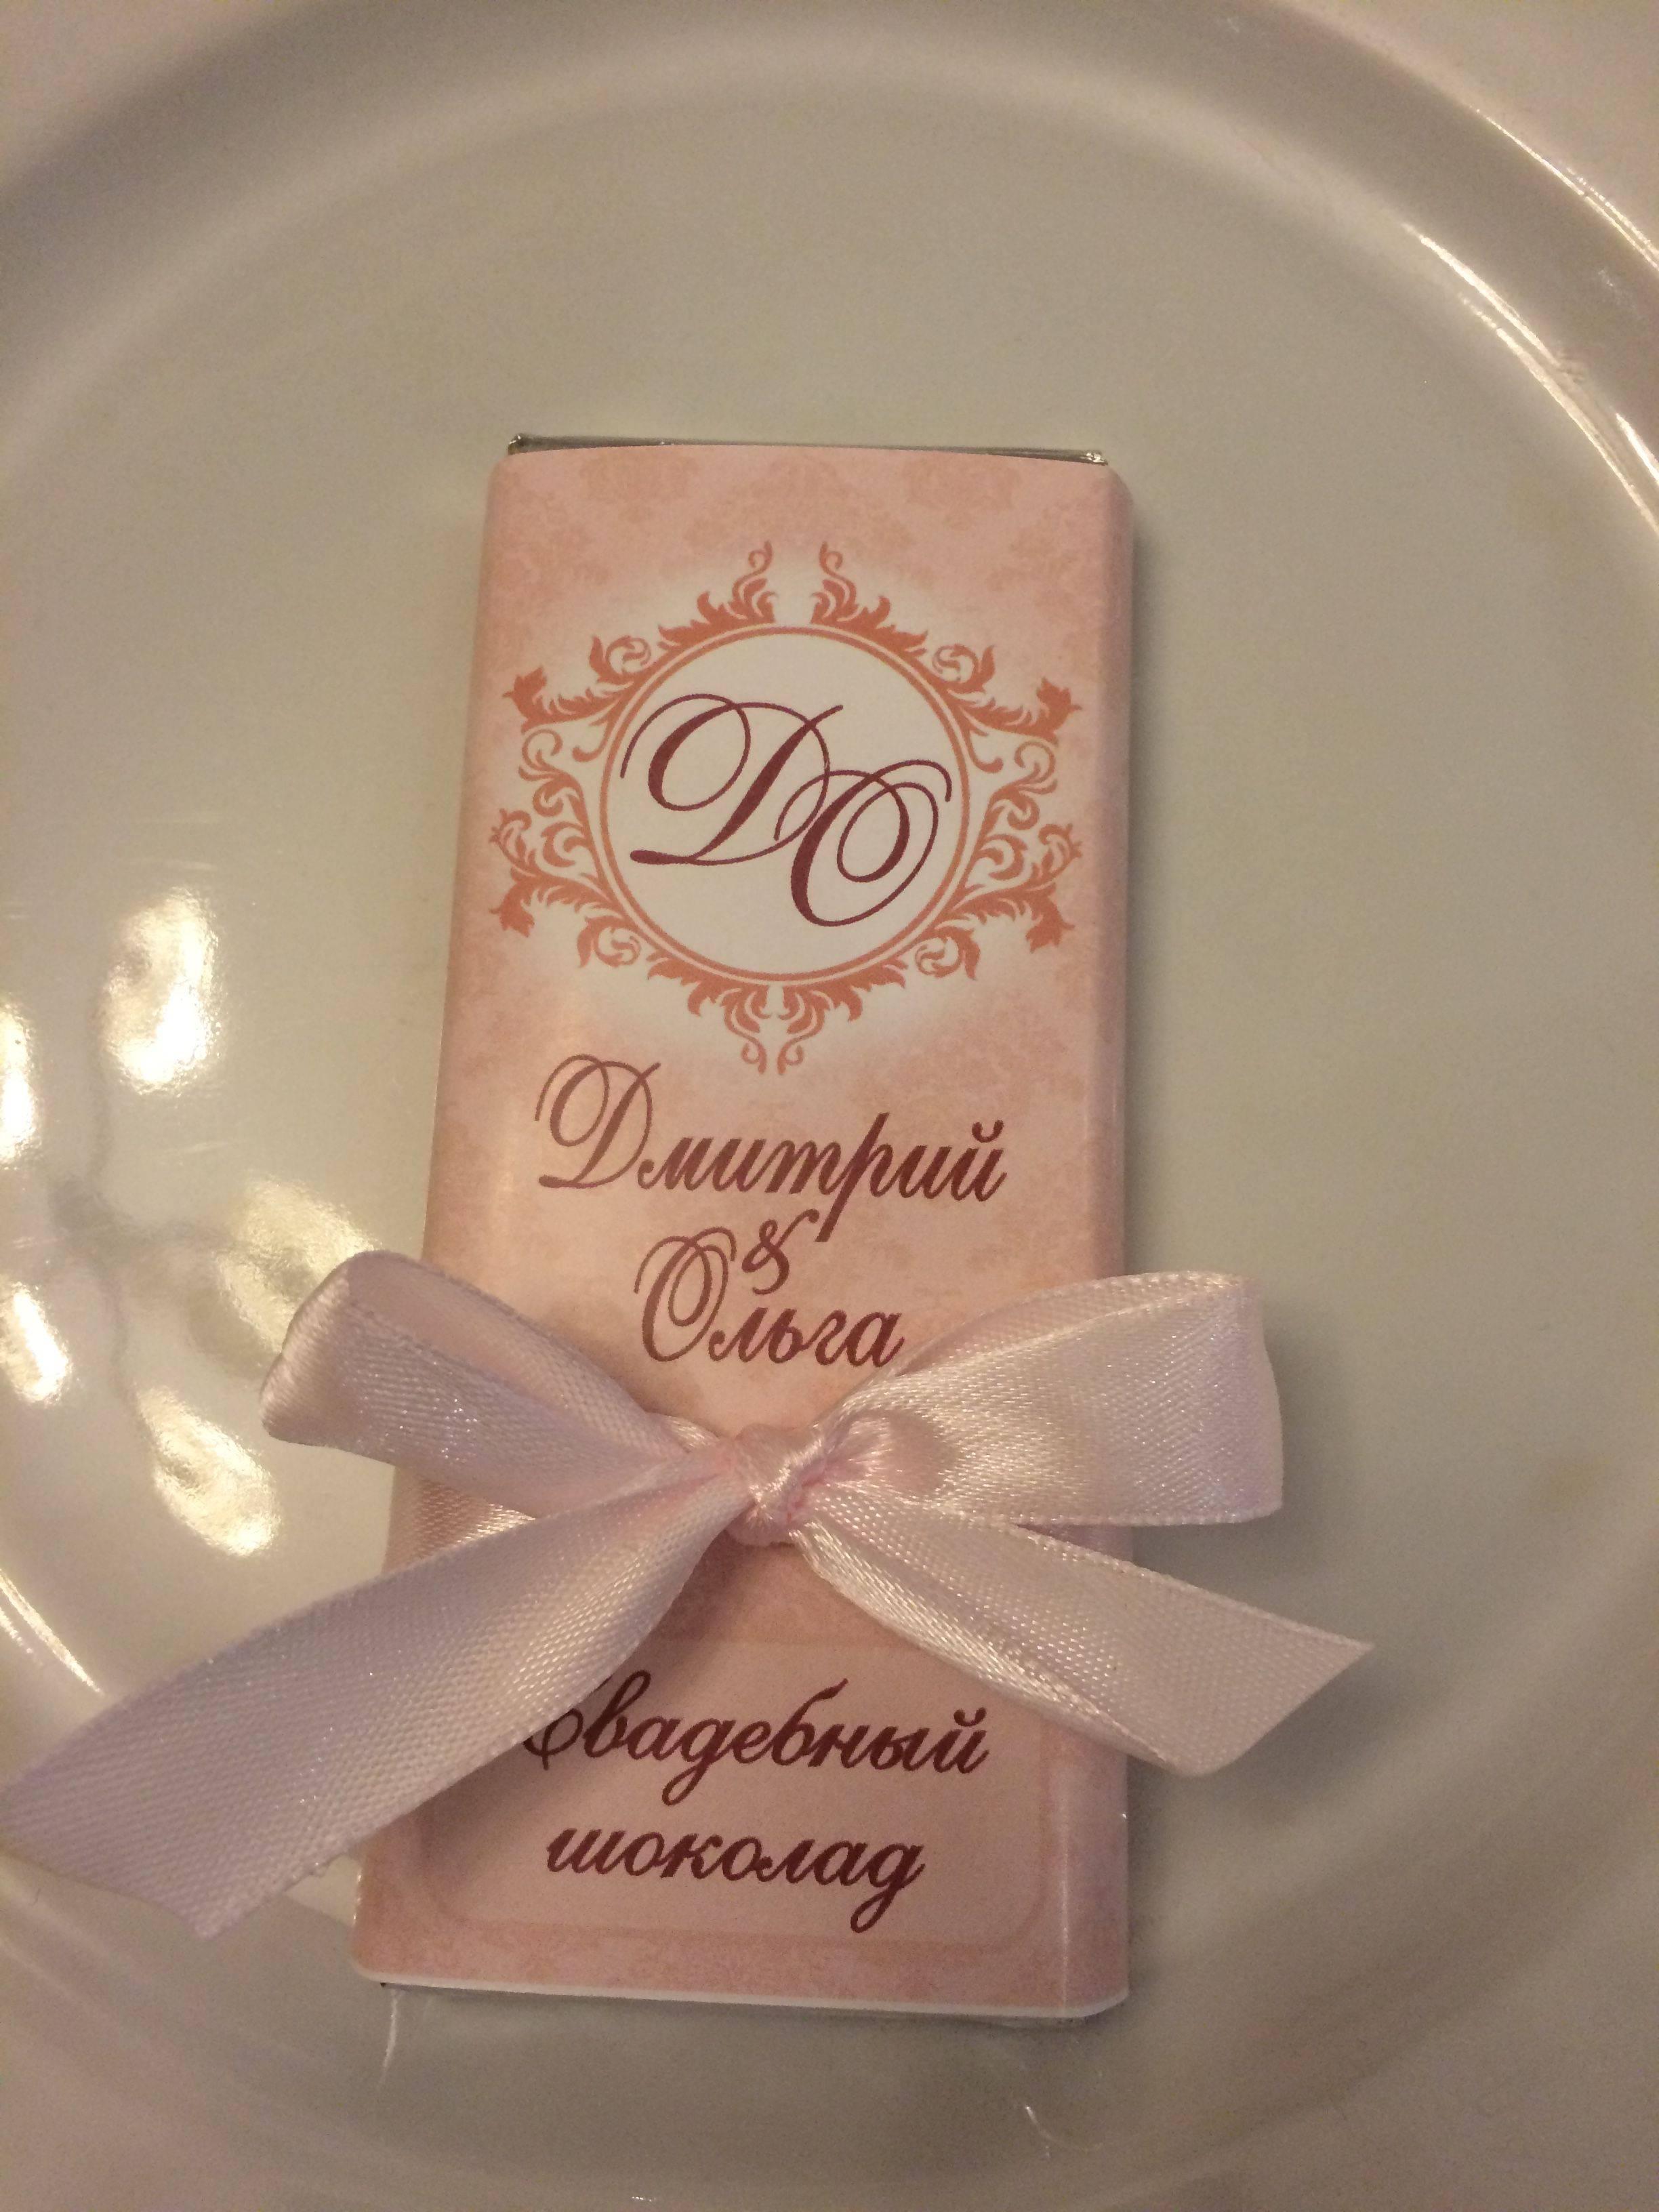 Подарки гостям на свадьбе от молодоженов идеи